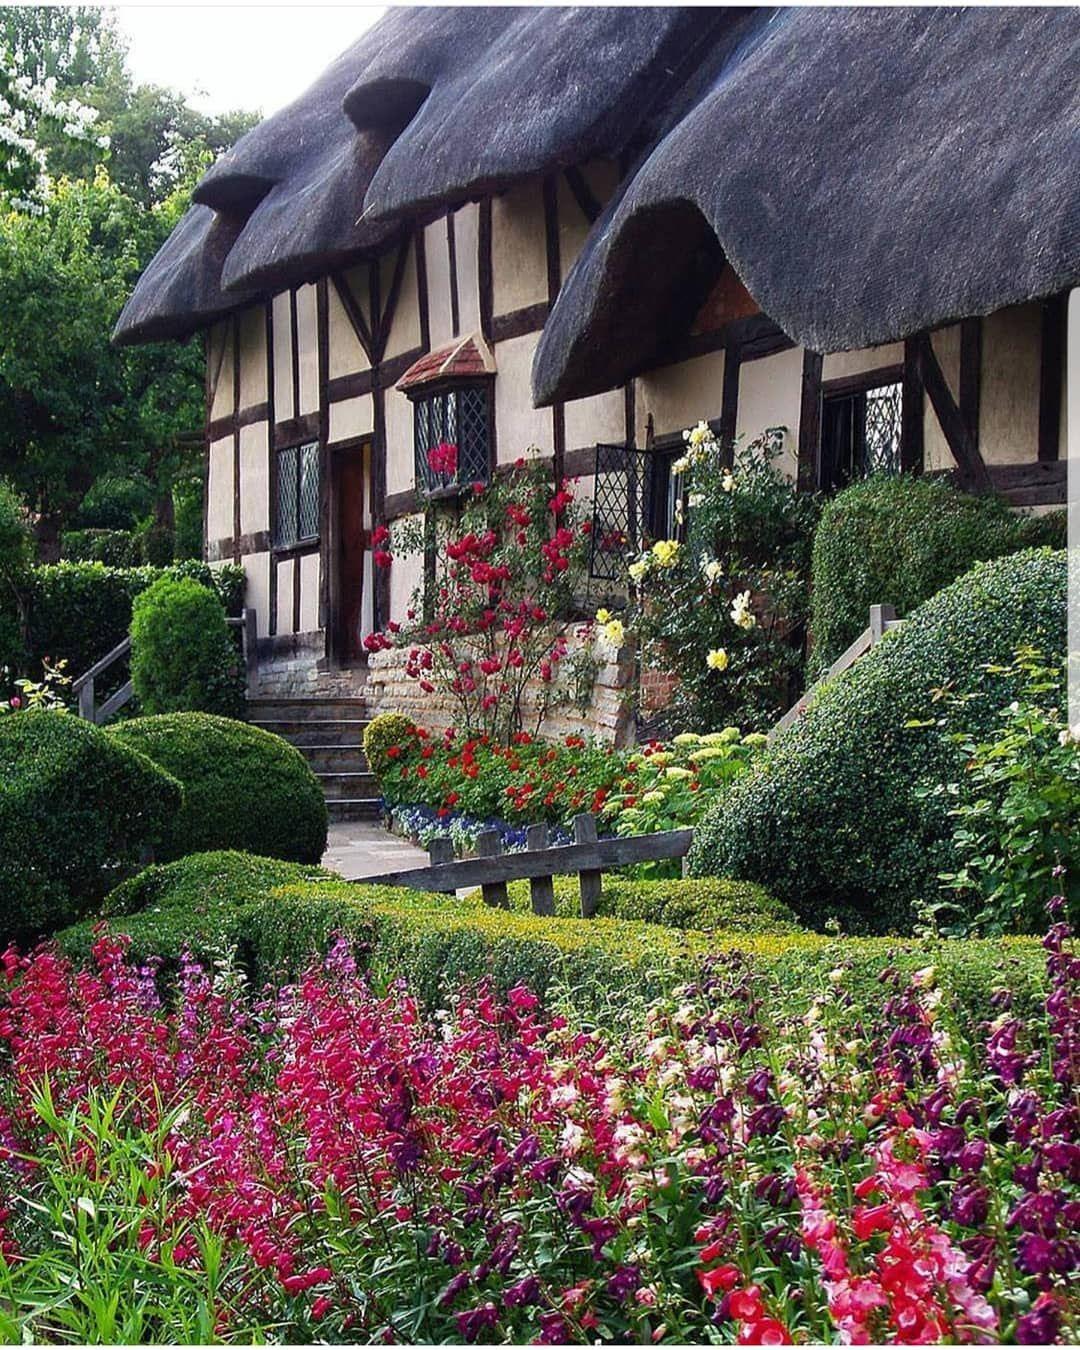 Anne Hathaway's Cottage, Shottery, Warwickshire, England